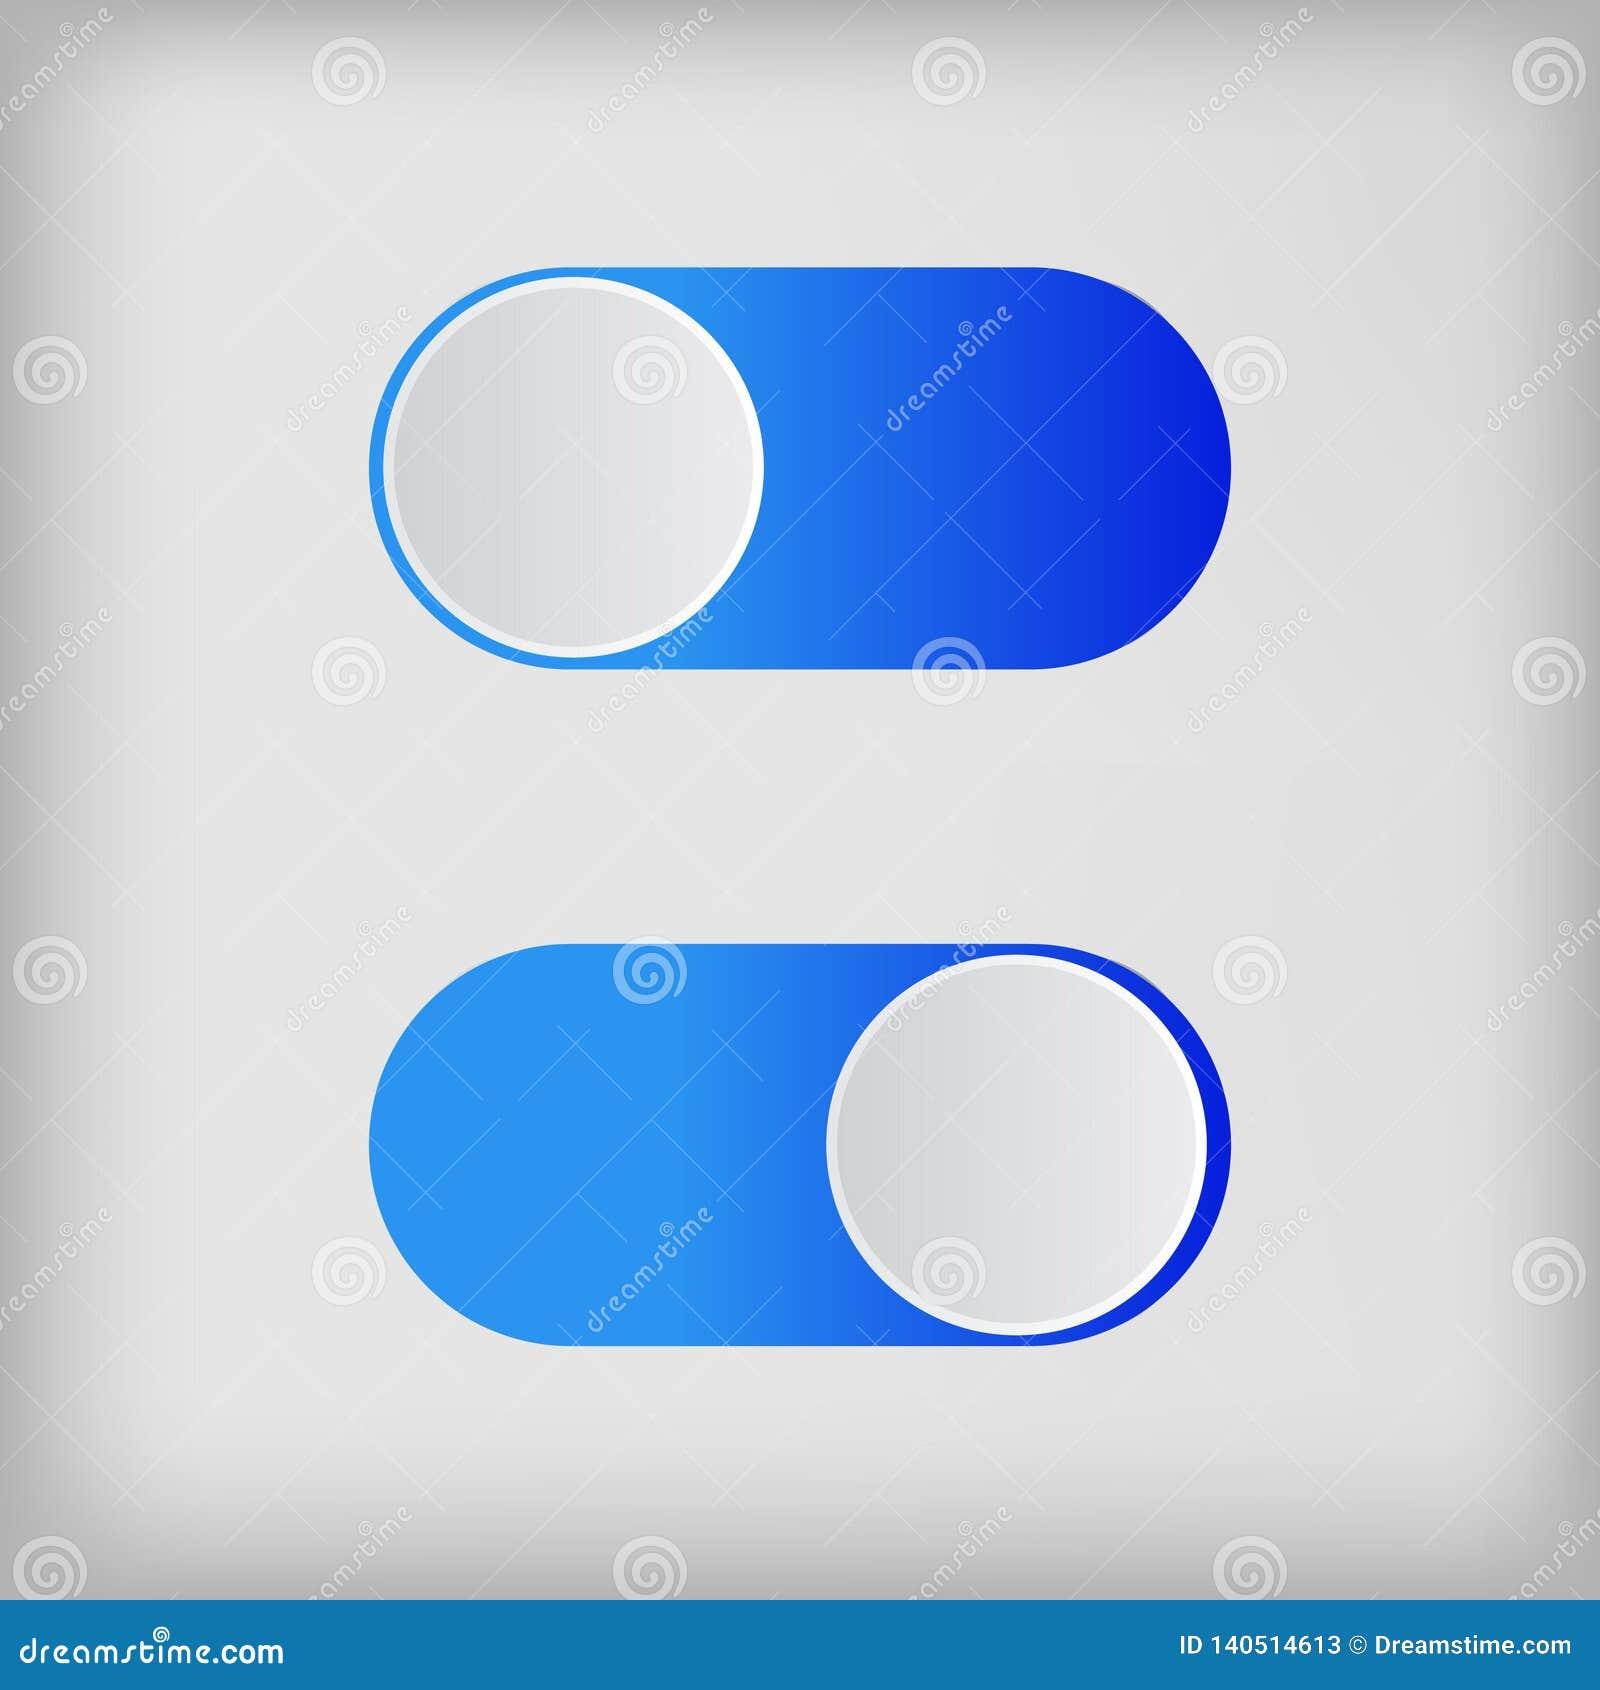 Onoff colorido de los interruptores del icono plano aislado en el fondo blanco